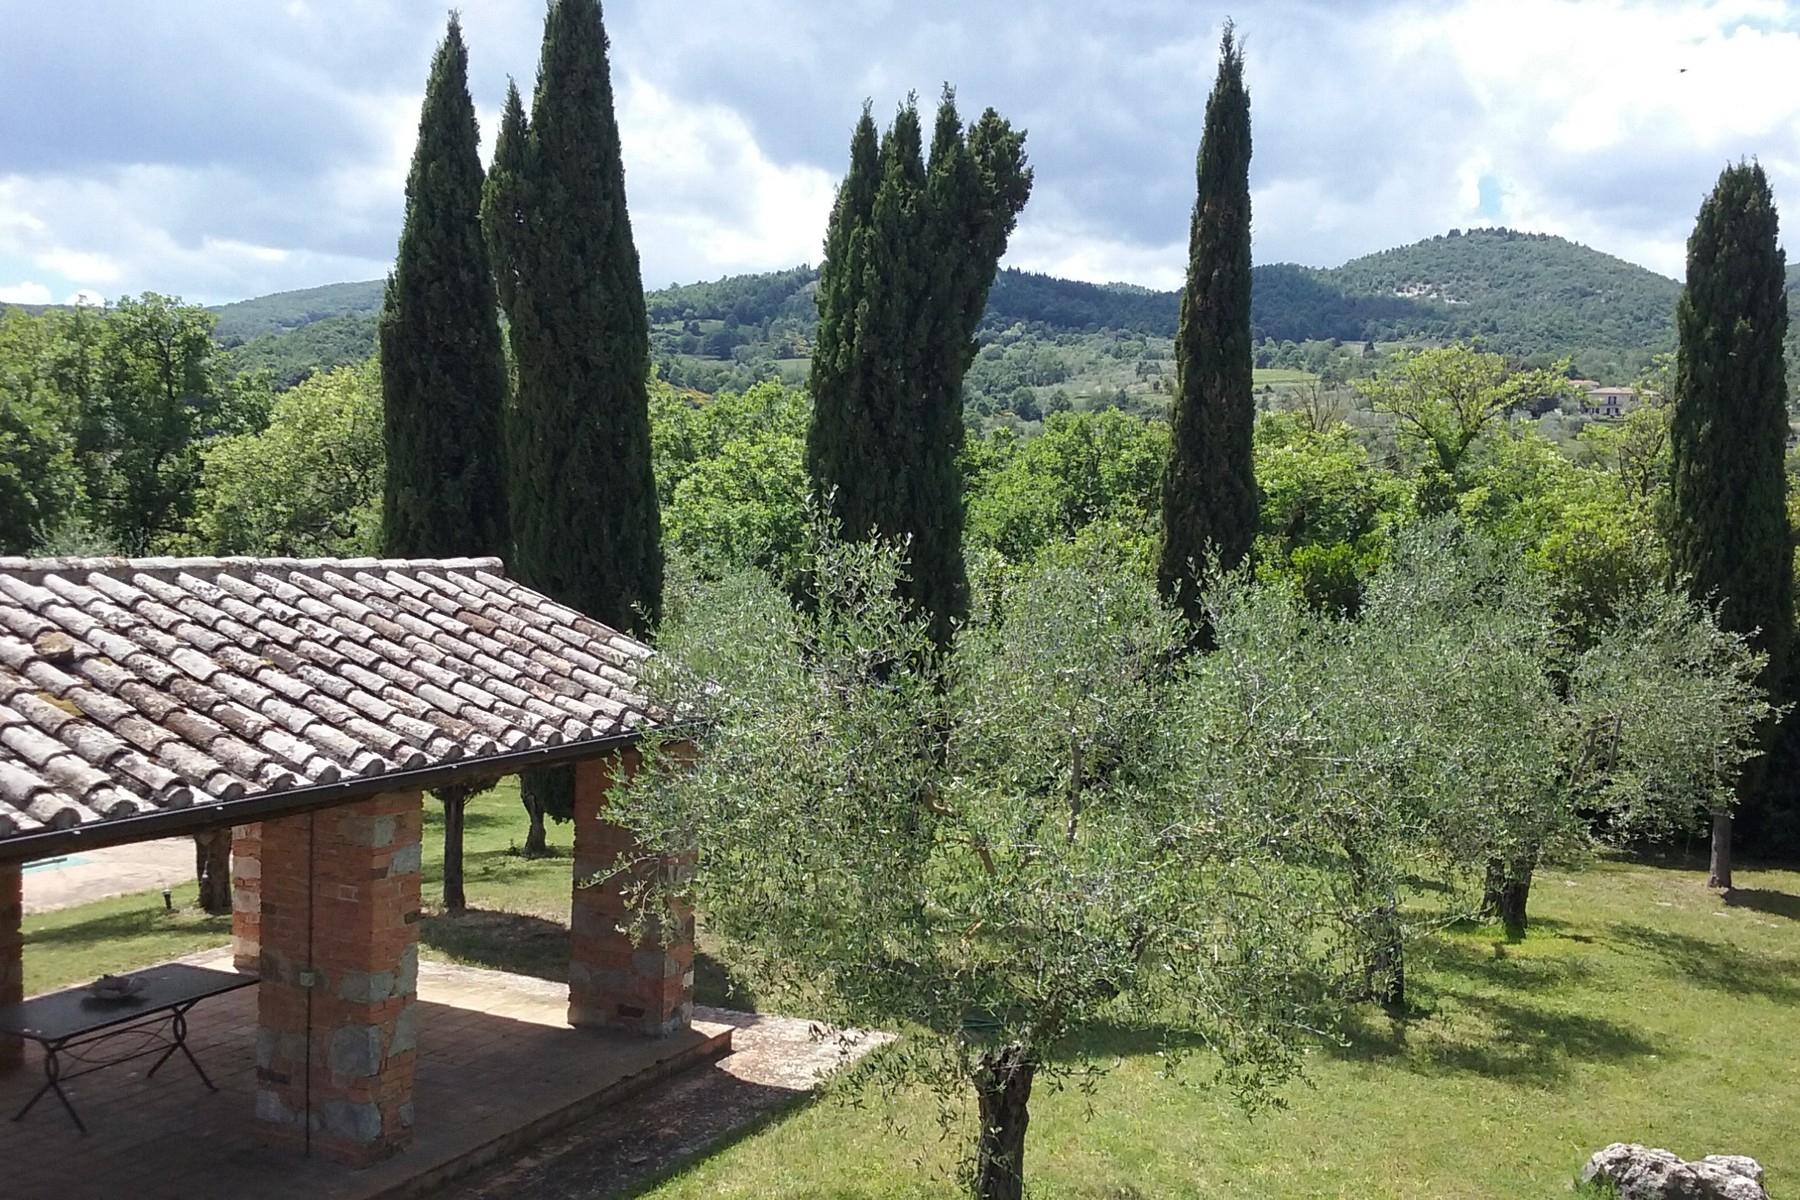 Rustico in Vendita a San Casciano Dei Bagni: 5 locali, 350 mq - Foto 6